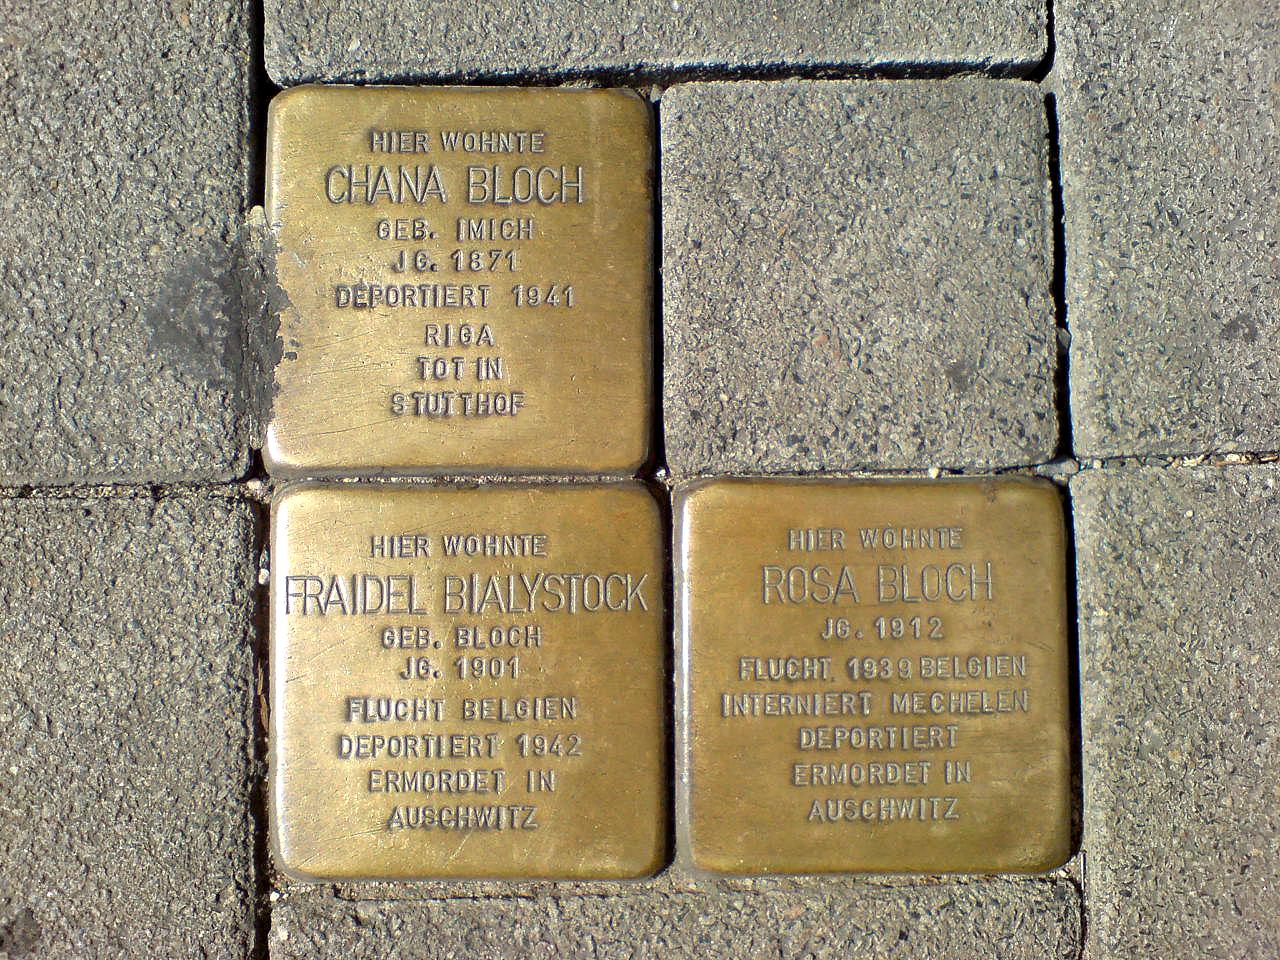 Am Marstall 14 Hannover Stolperstein Chana Bloch geborene Imich Fraidel Bialystock geborene Bloch Rosa Bloch deportiert und ermordet.jpg